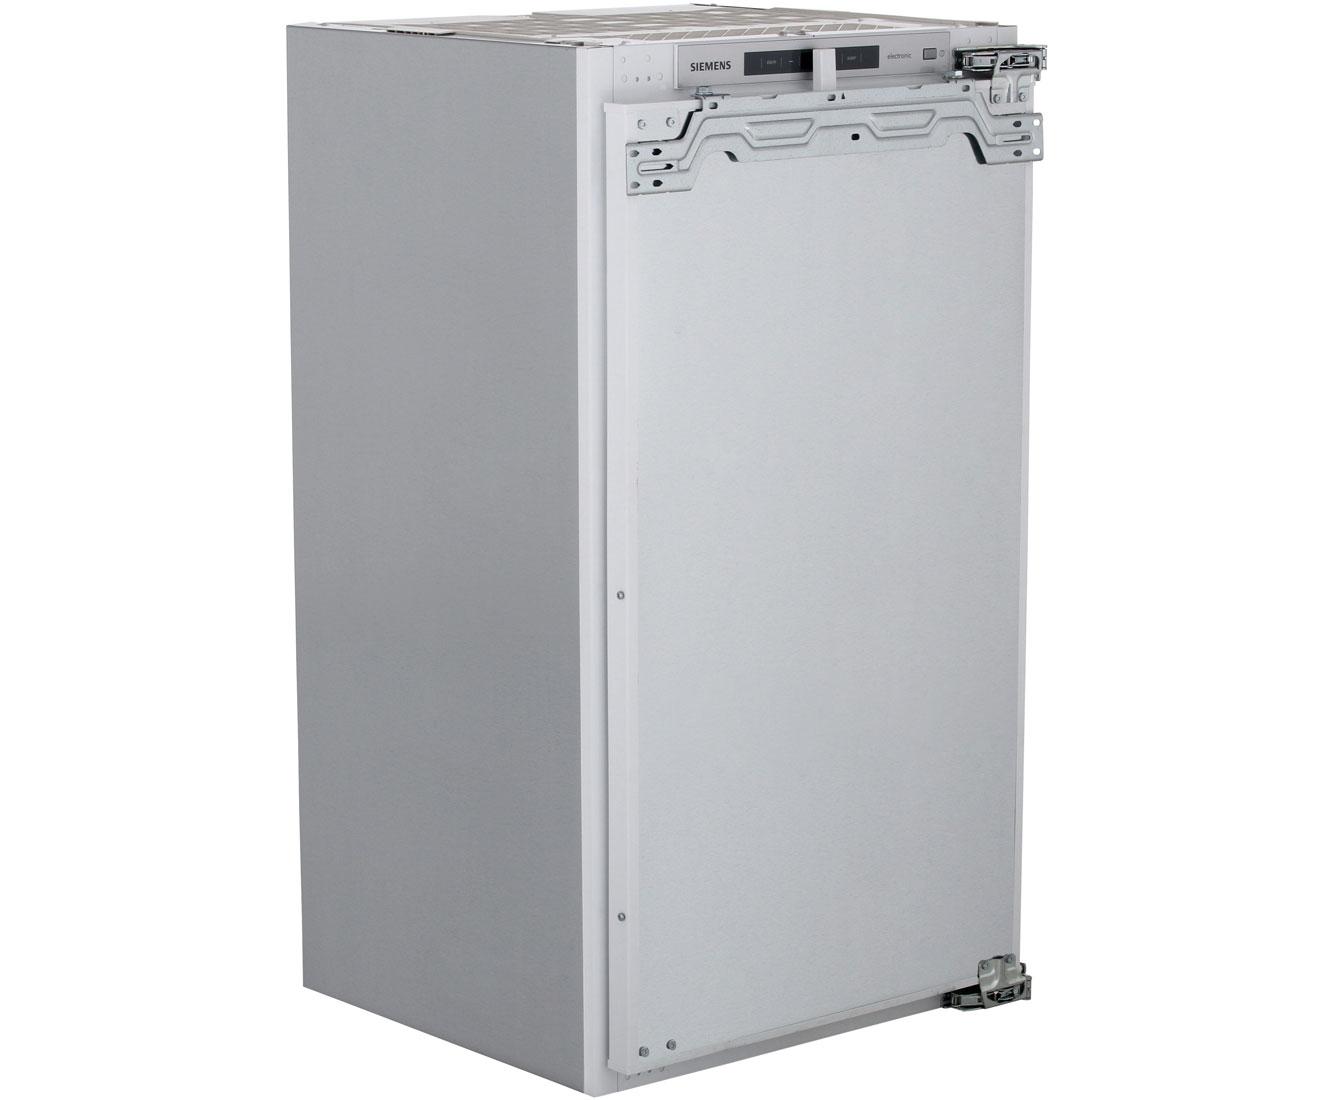 Siemens Kühlschrank Läuft Ständig : Siemens kühlschrank läuft ständig: kühlschrank verliert wasser was